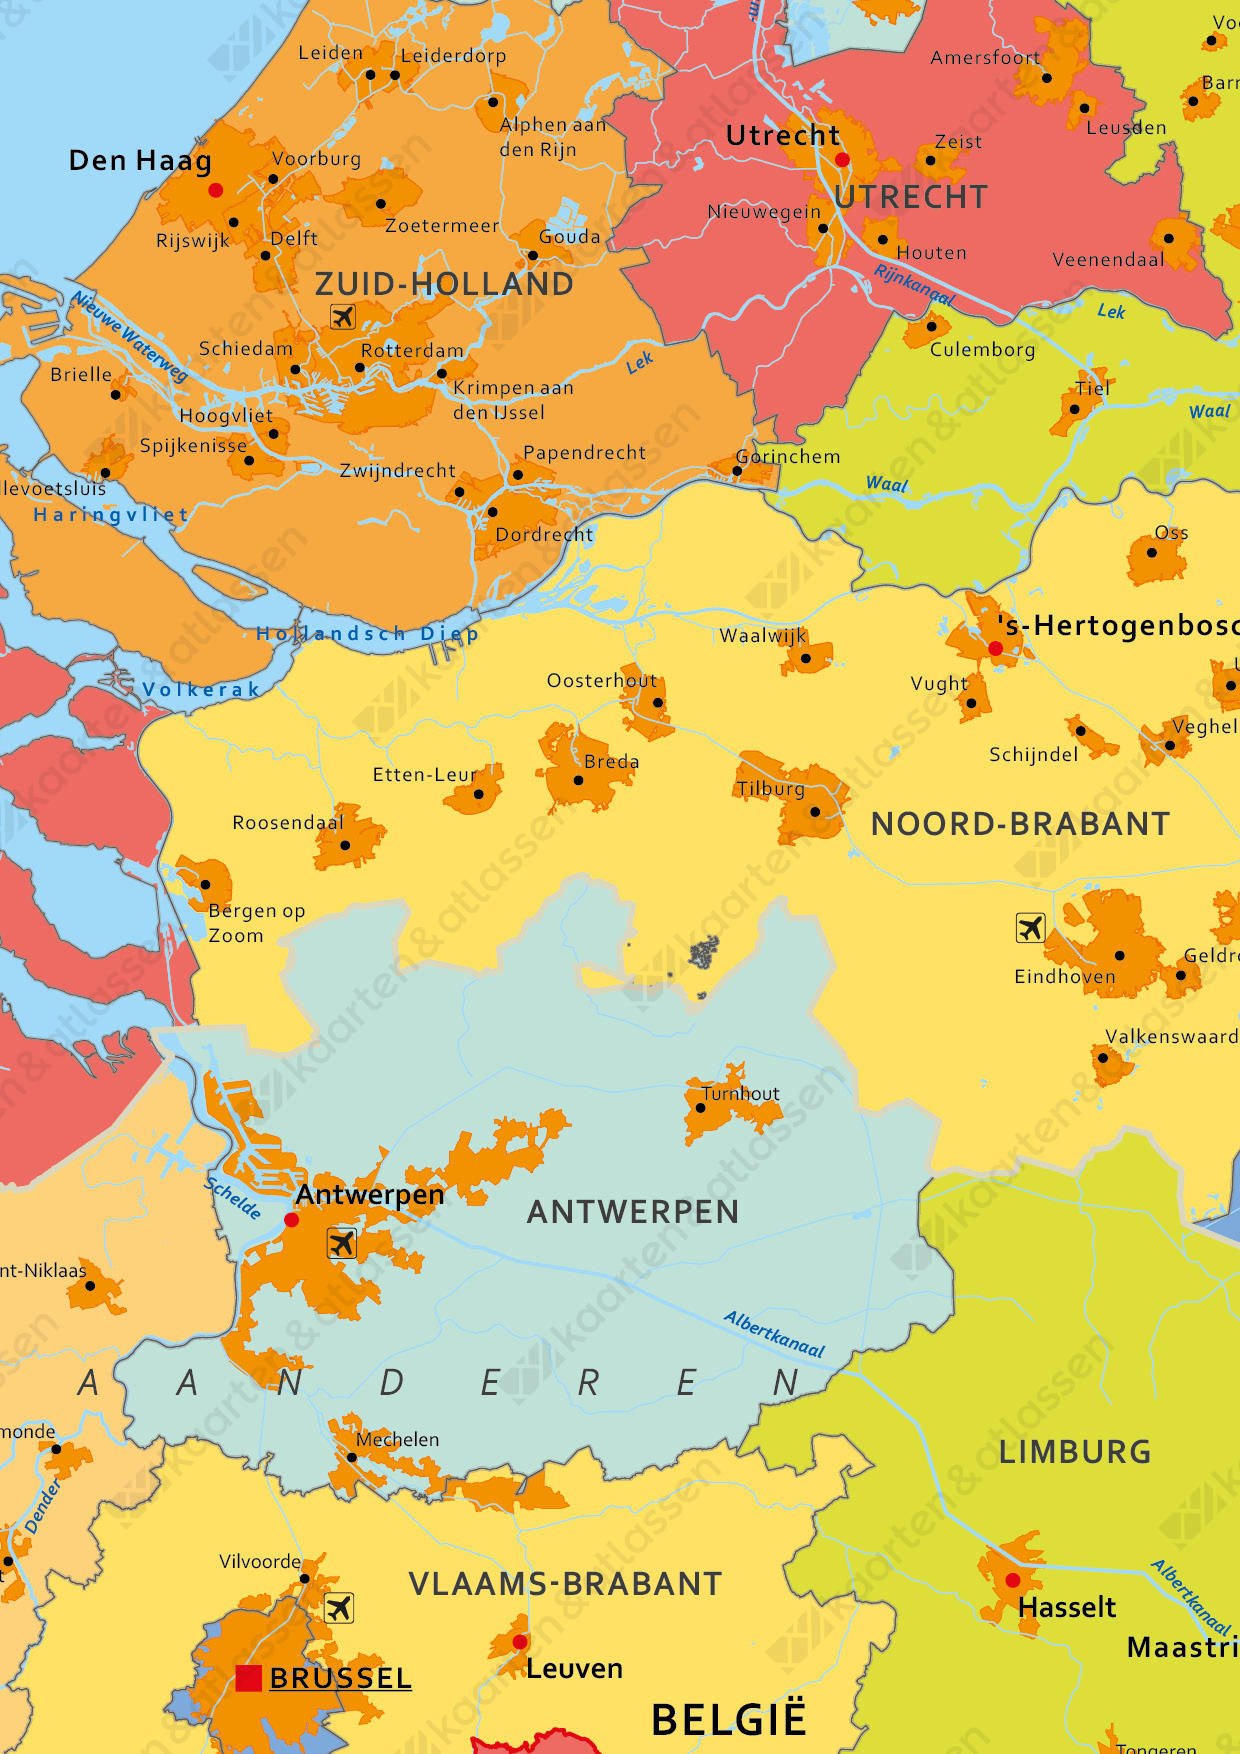 Digitale schoolkaart Benelux